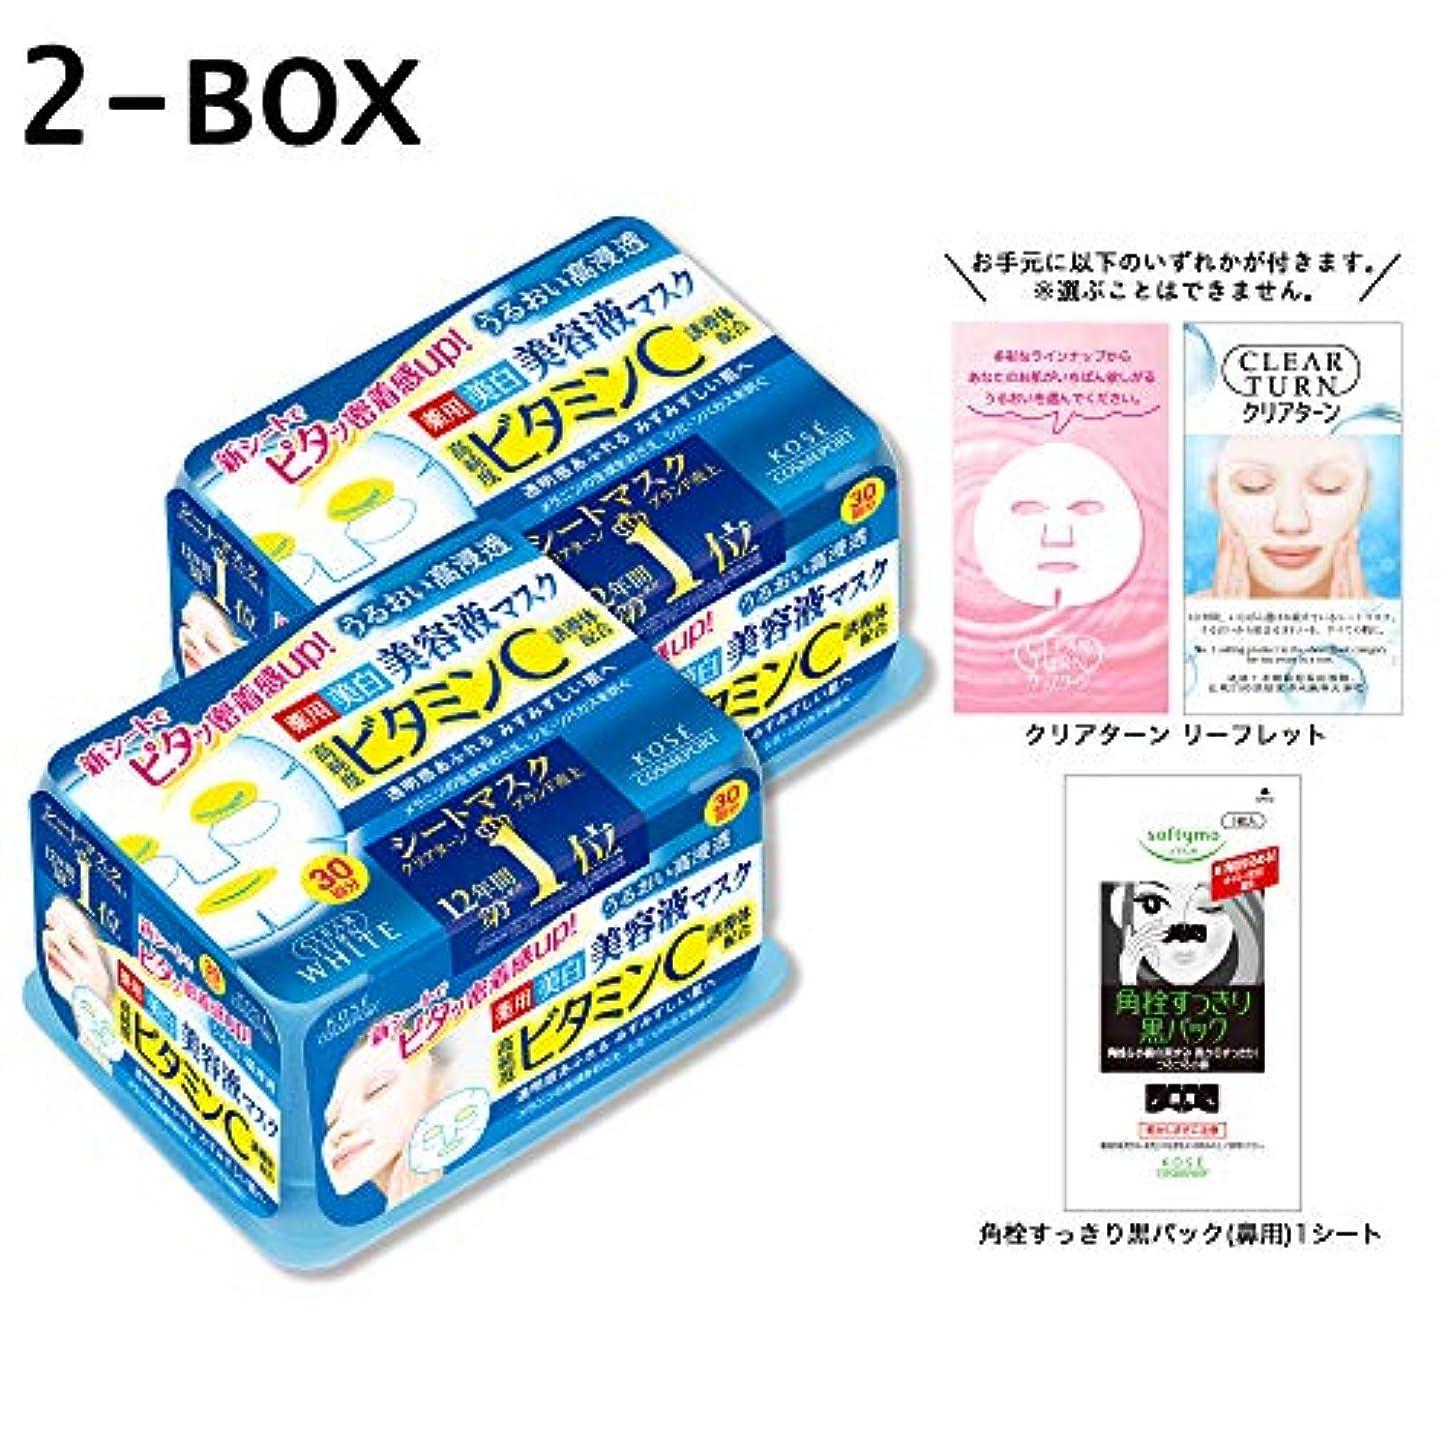 スカルク恥ずかしいカード【Amazon.co.jp限定】KOSE クリアターン エッセンスマスク (ビタミンC) 30回 2P+おまけ フェイスマスク (医薬部外品)